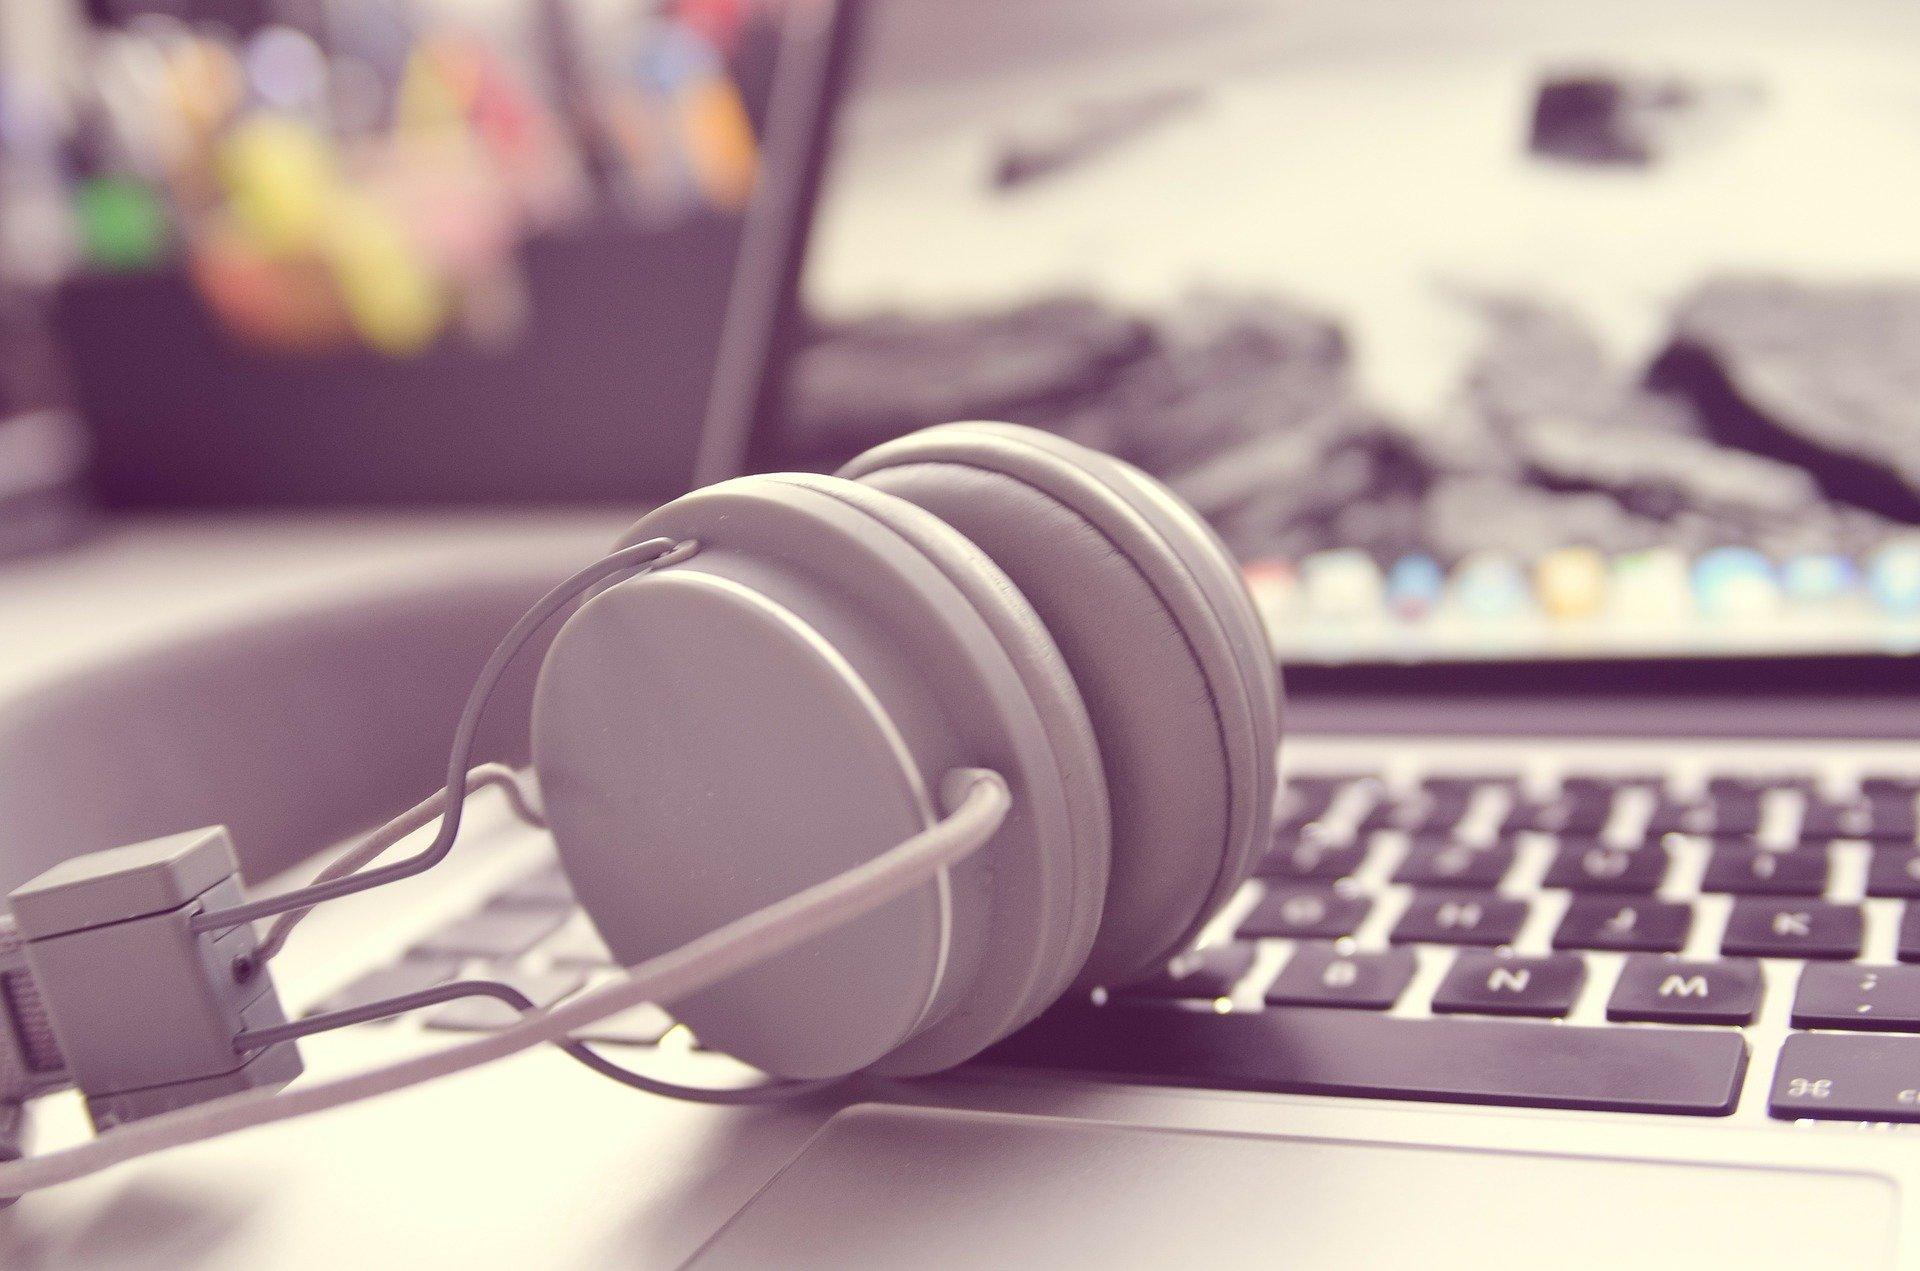 La gestione documentale alla luce delle Linee guida sul documento informatico: guarda il video su YouTube